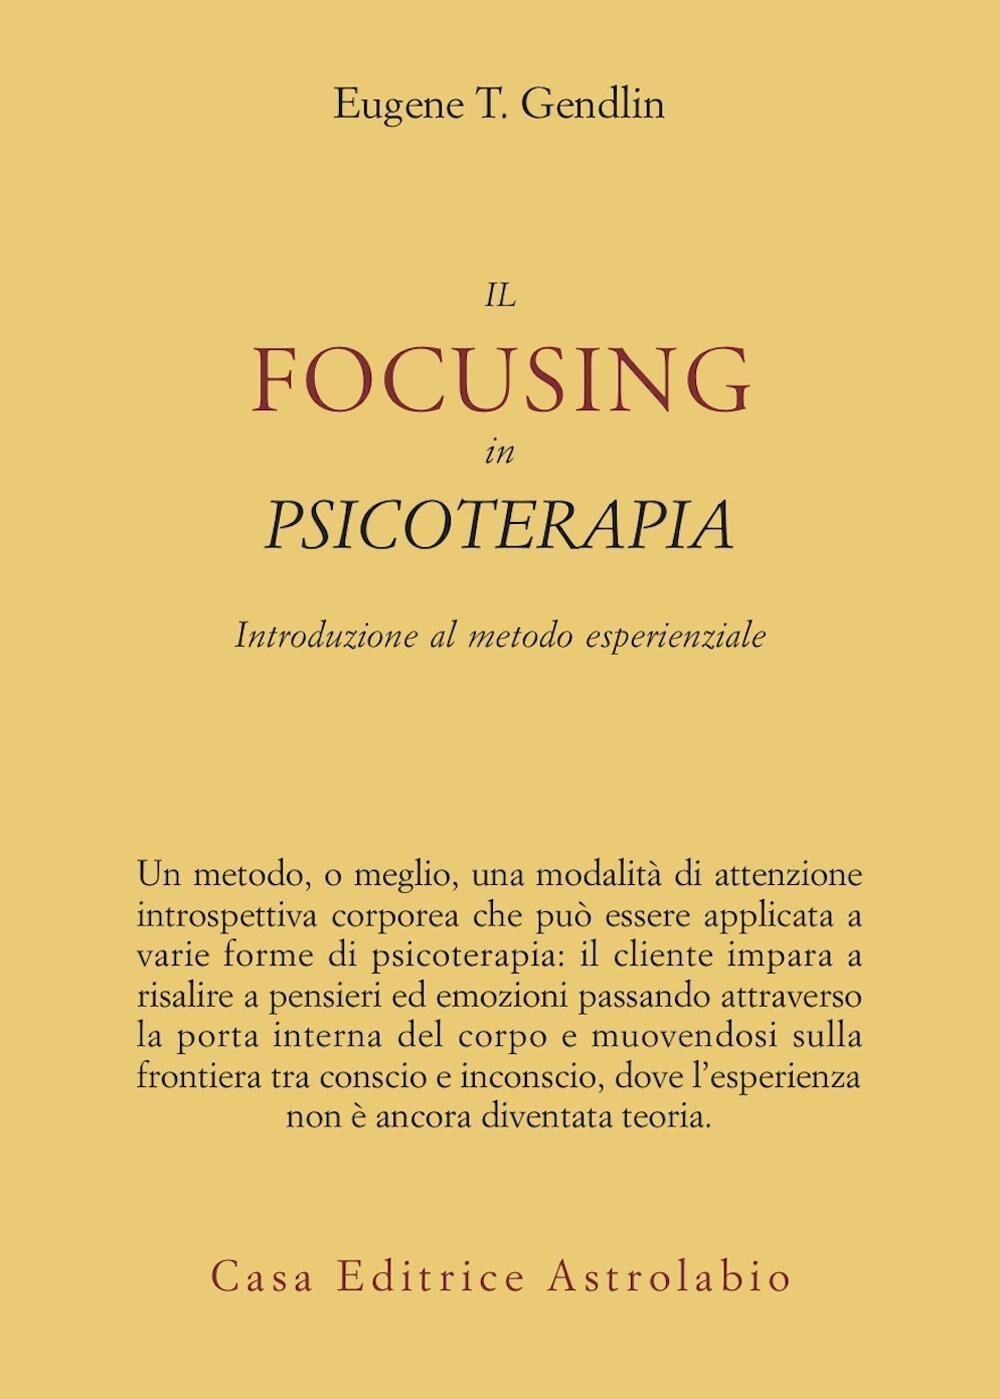 Il focusing in psicoterapia. Introduzione al metodo esperienziale